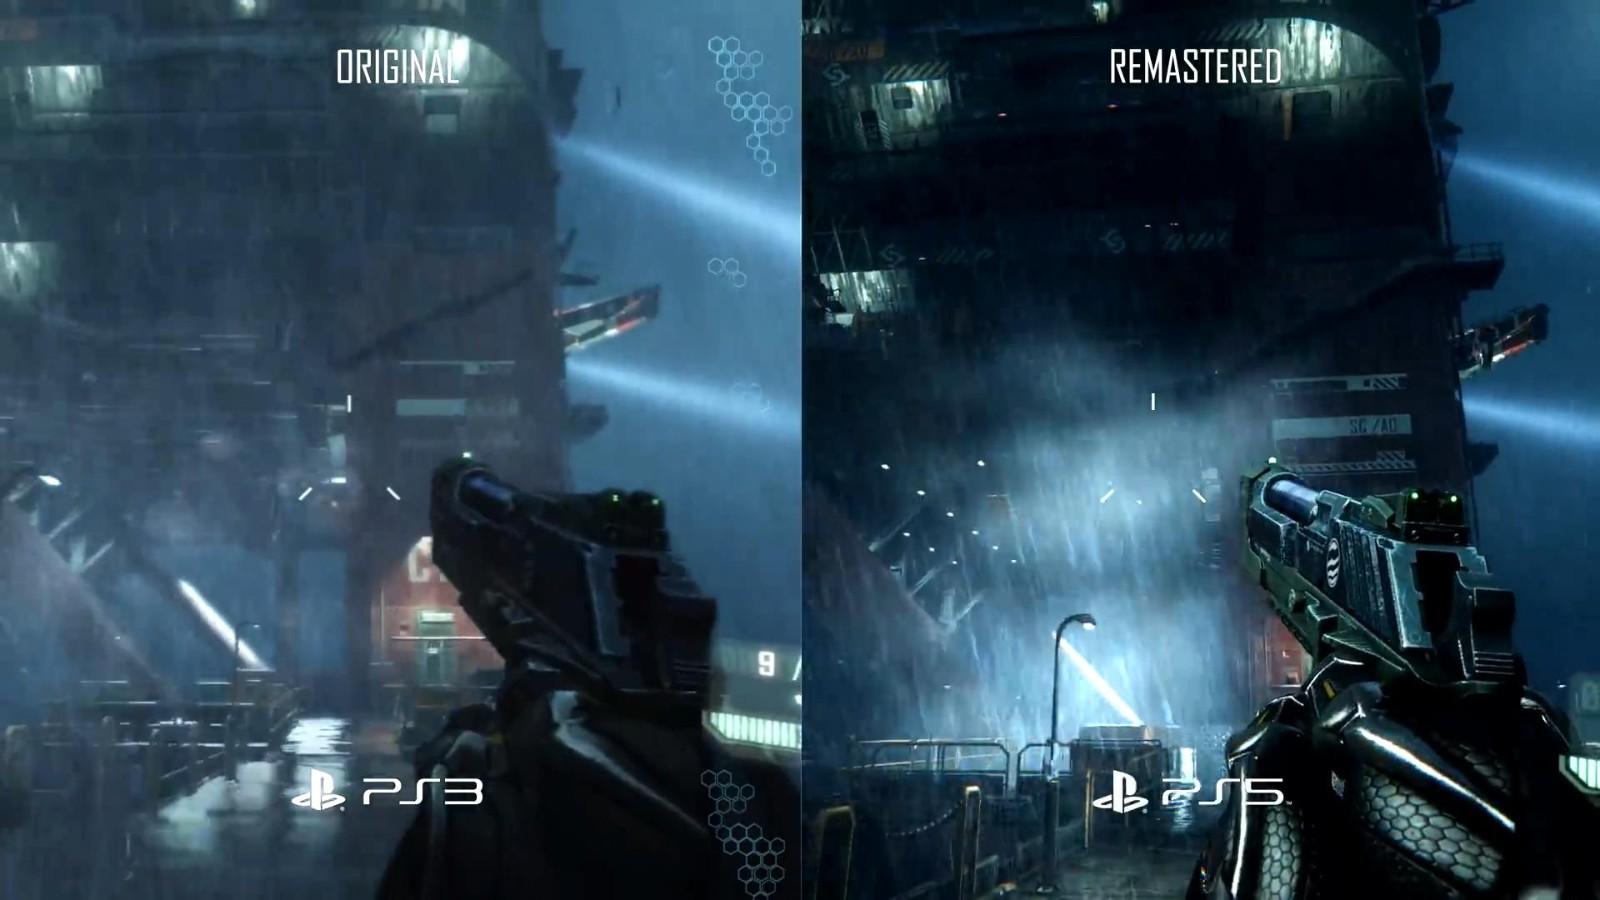 《孤岛危机复刻版三部曲》PS3 Vs.PS5视频 画面大改进  第4张